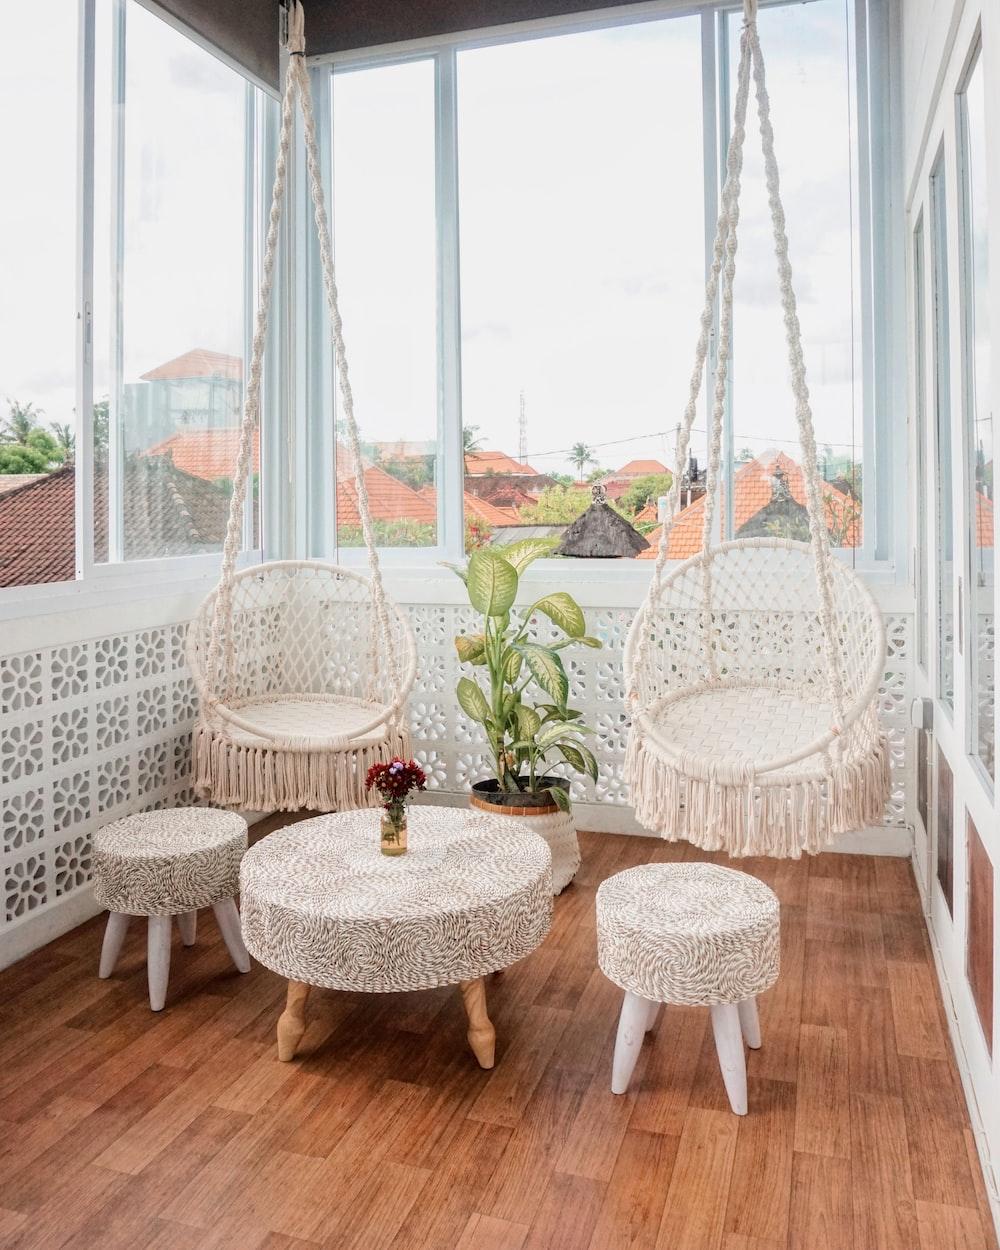 white wicker chair near white table